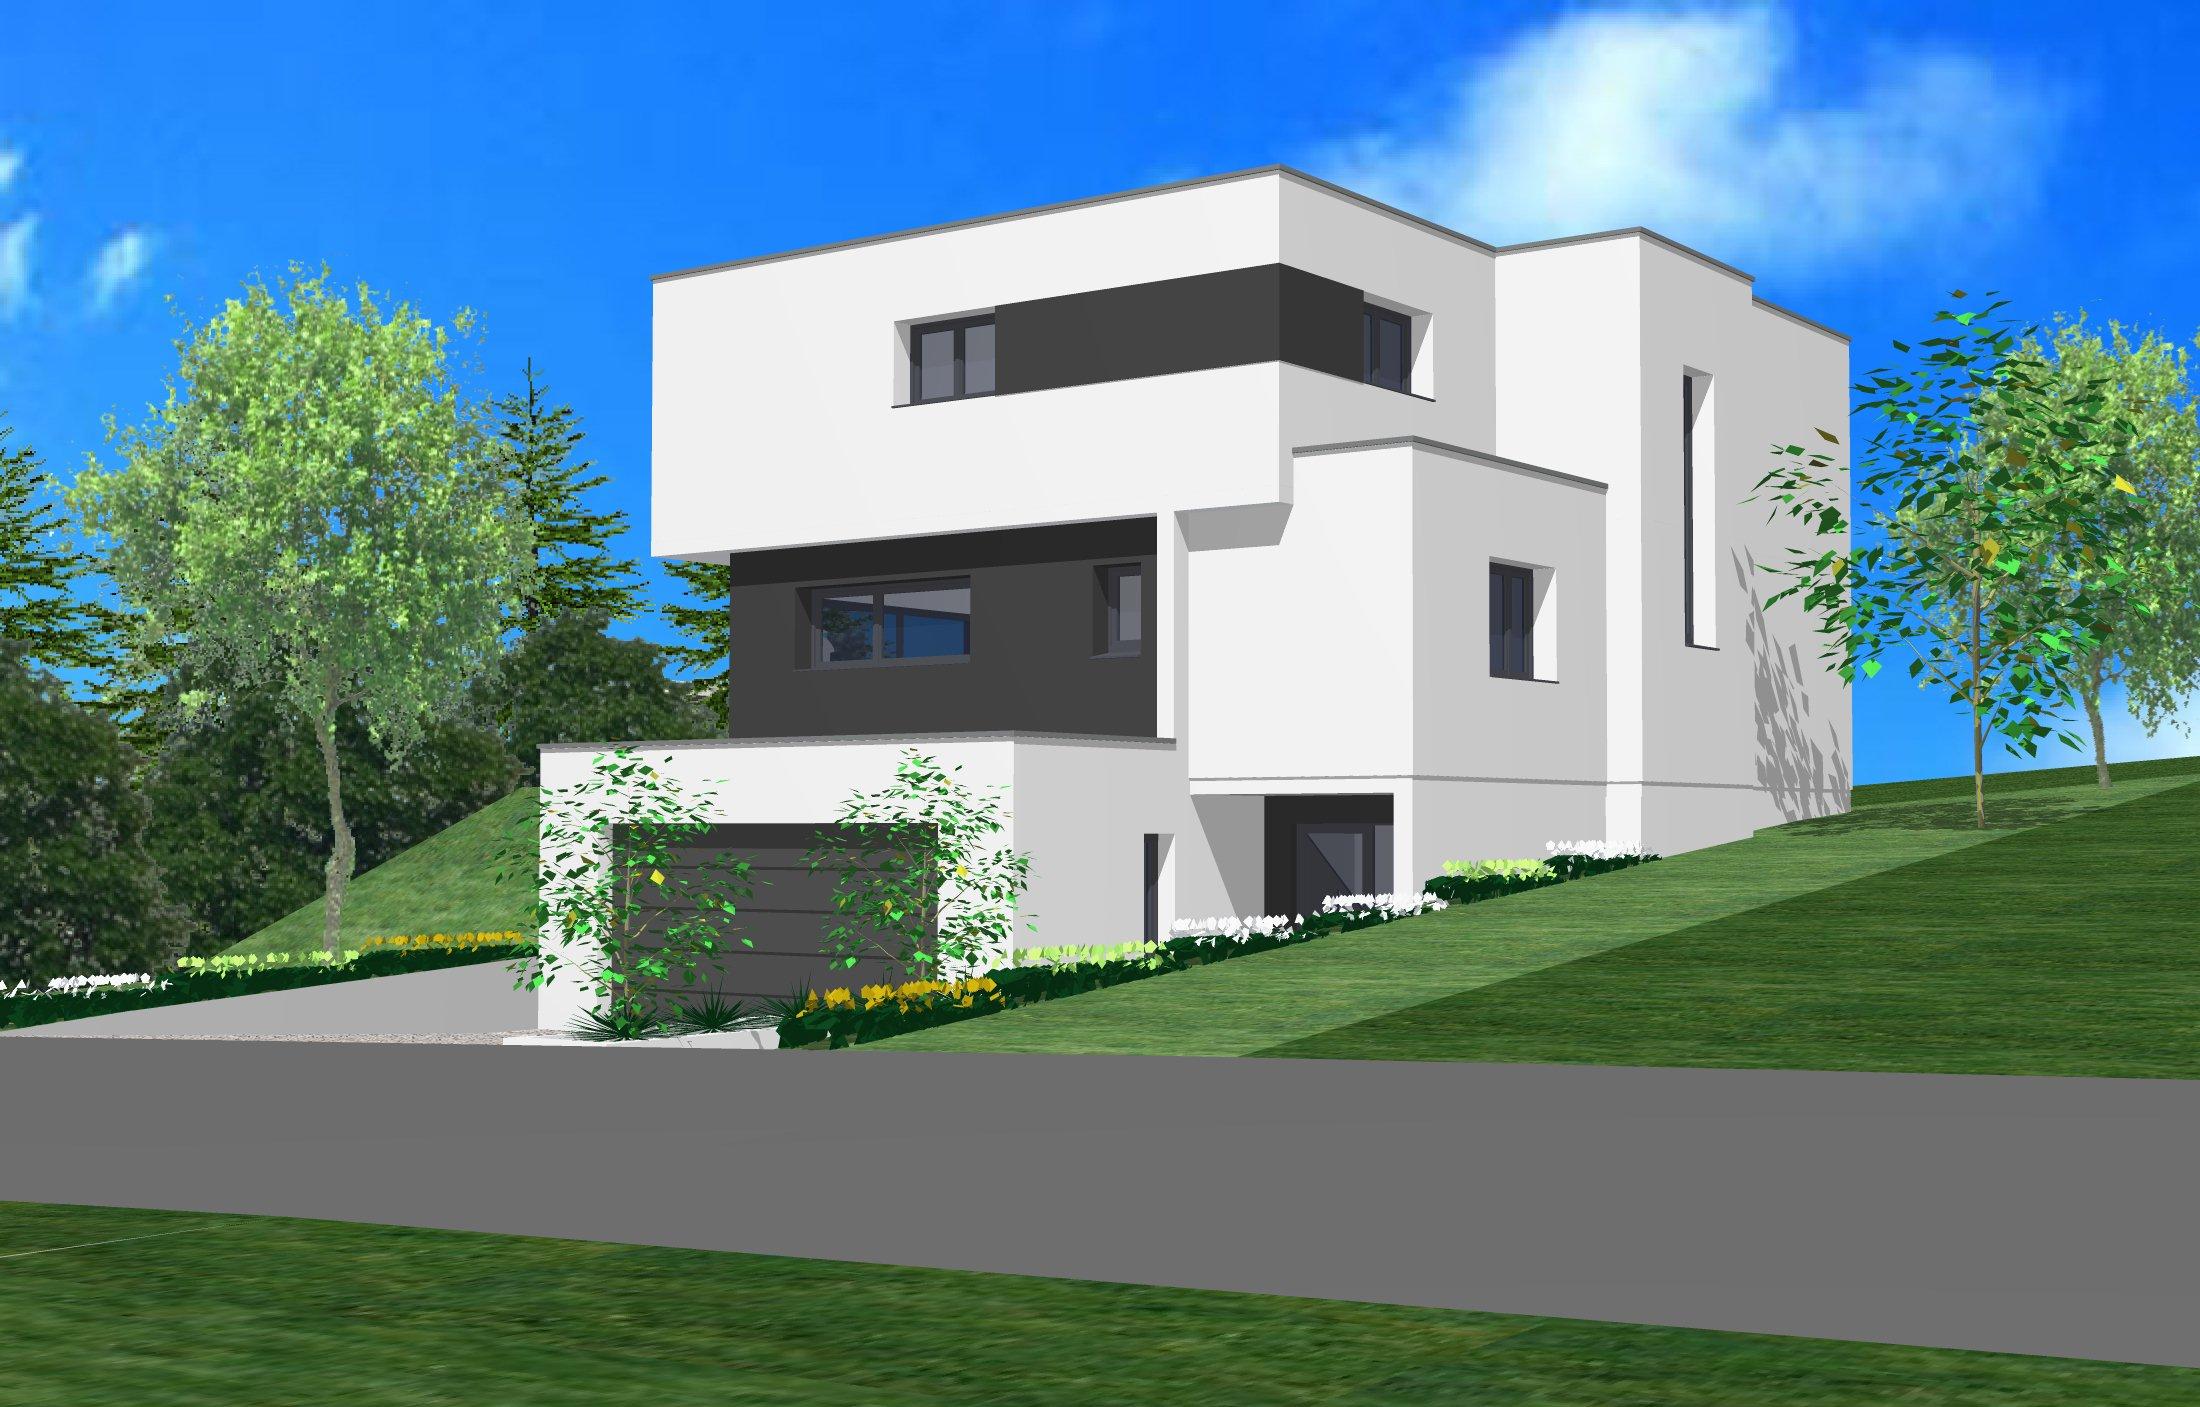 Terrains du constructeur CREAGES • 635 m² • LANDSER